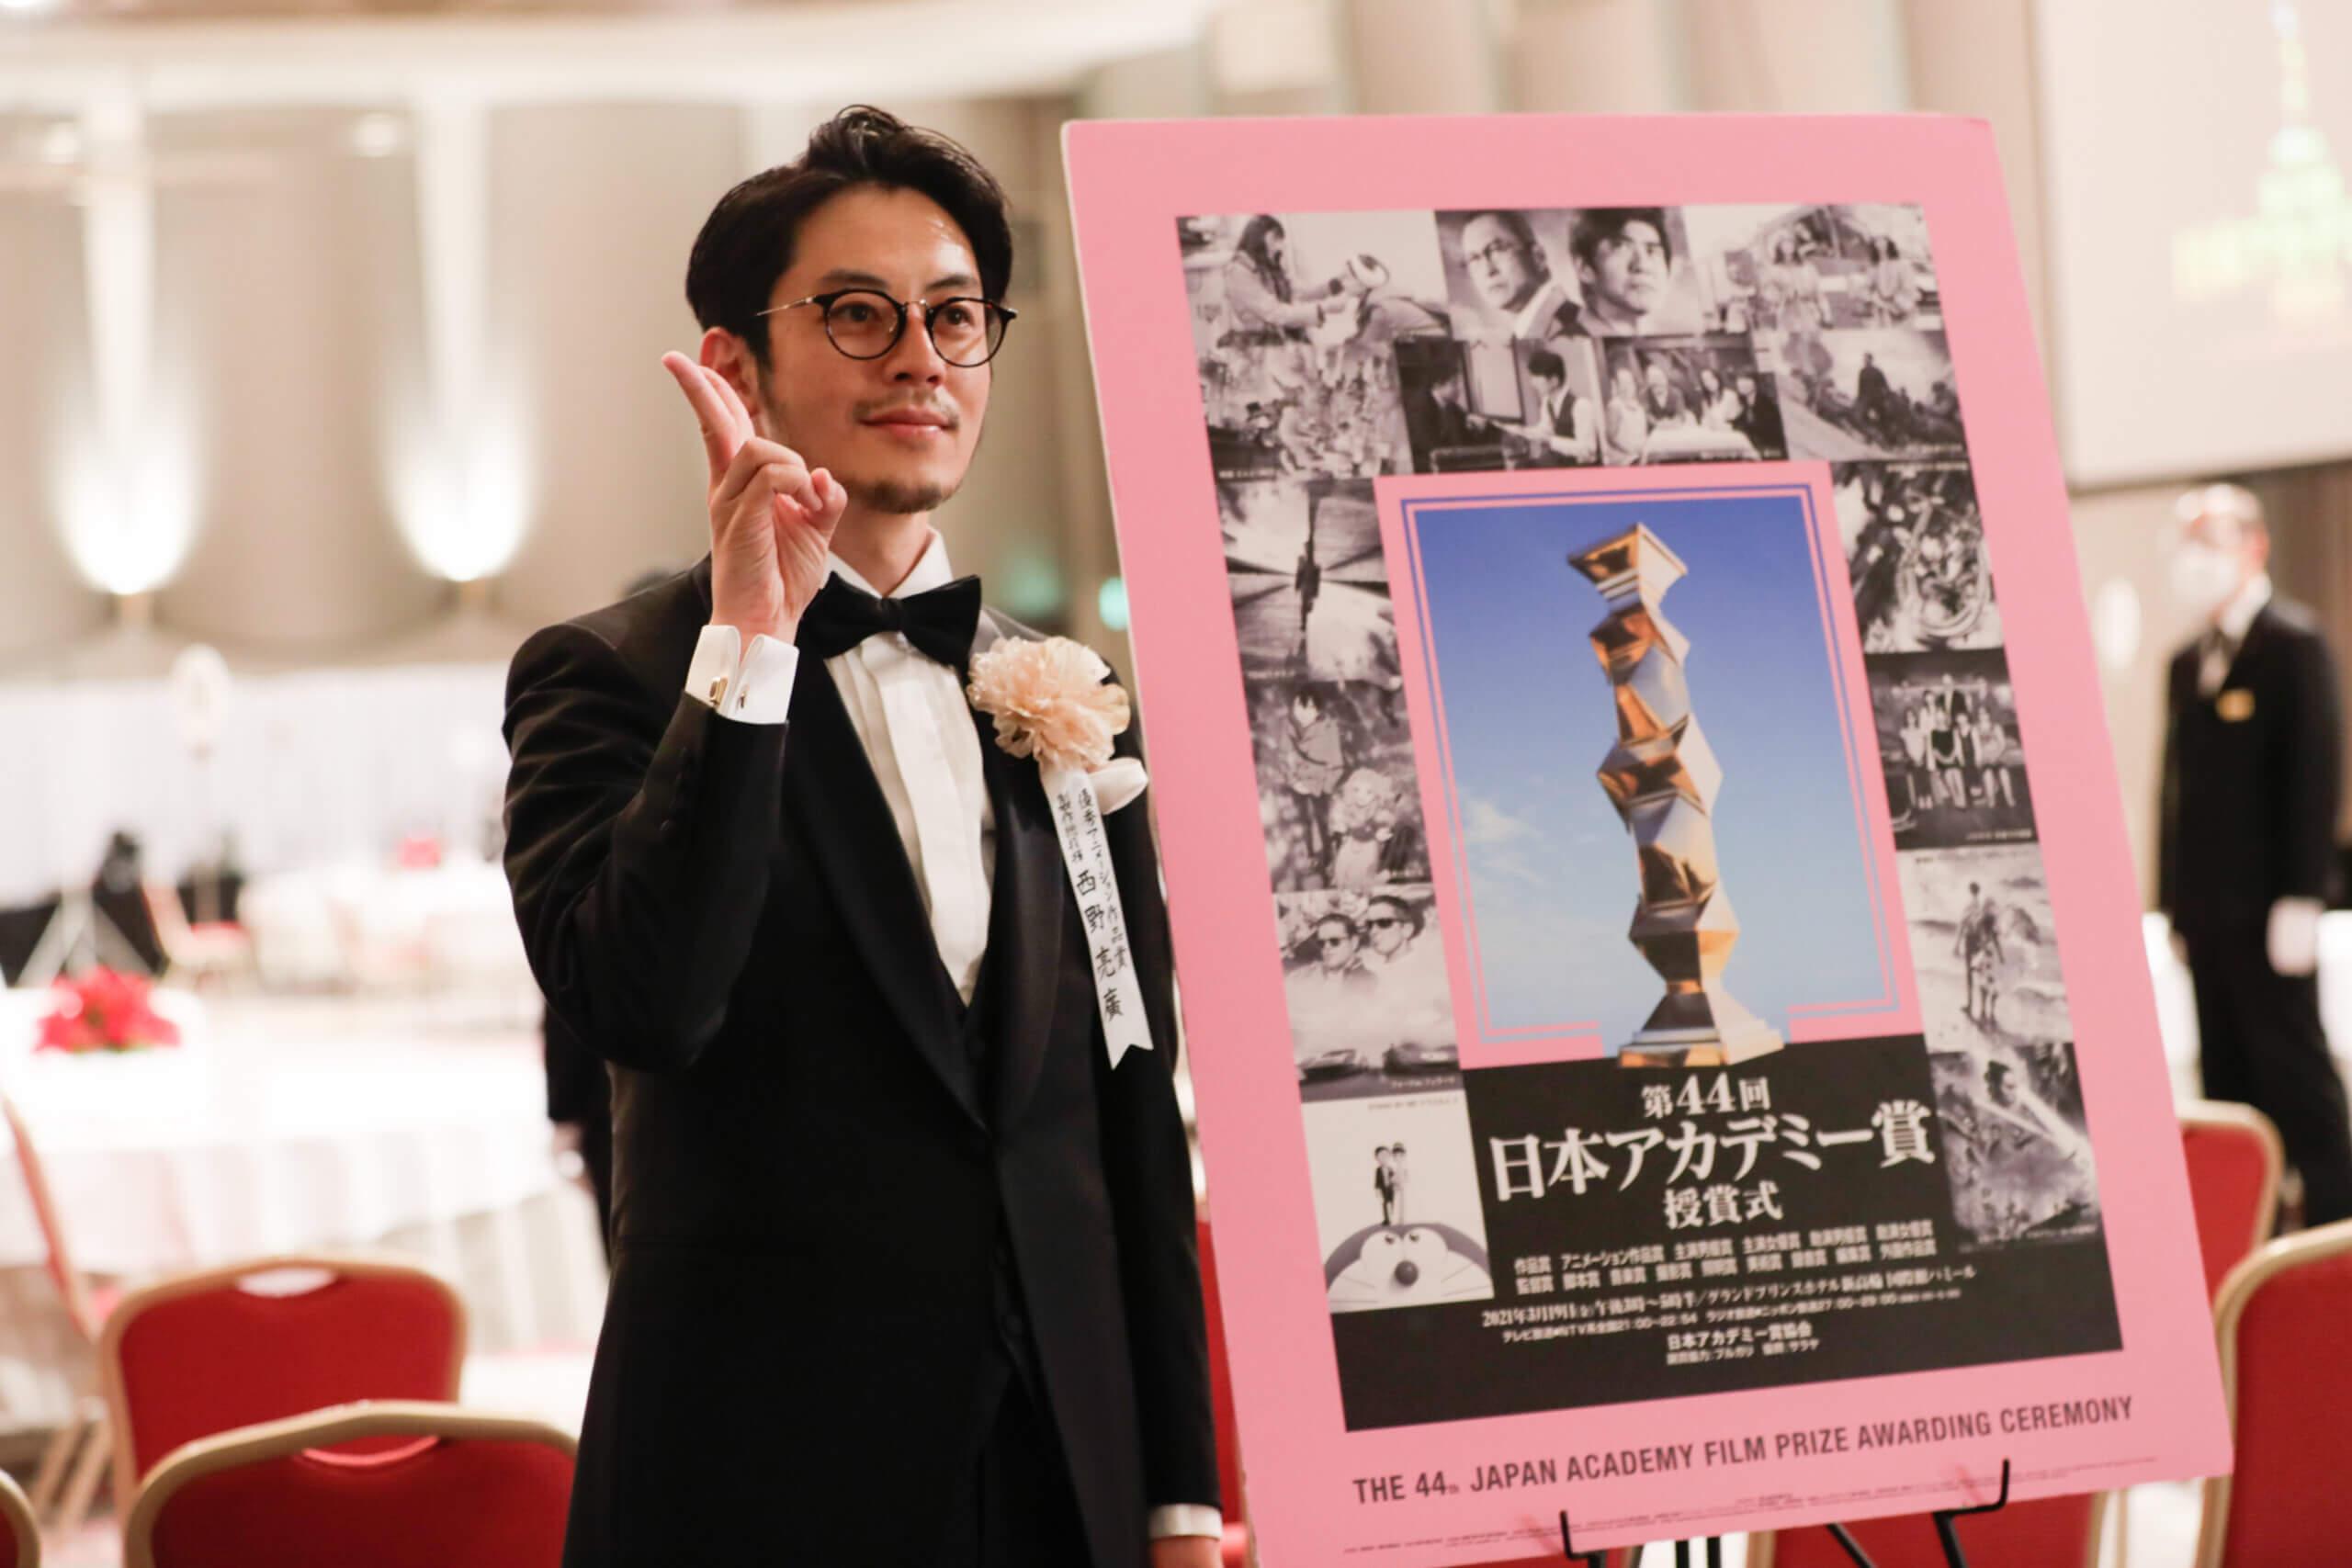 第44回日本アカデミー賞レポート